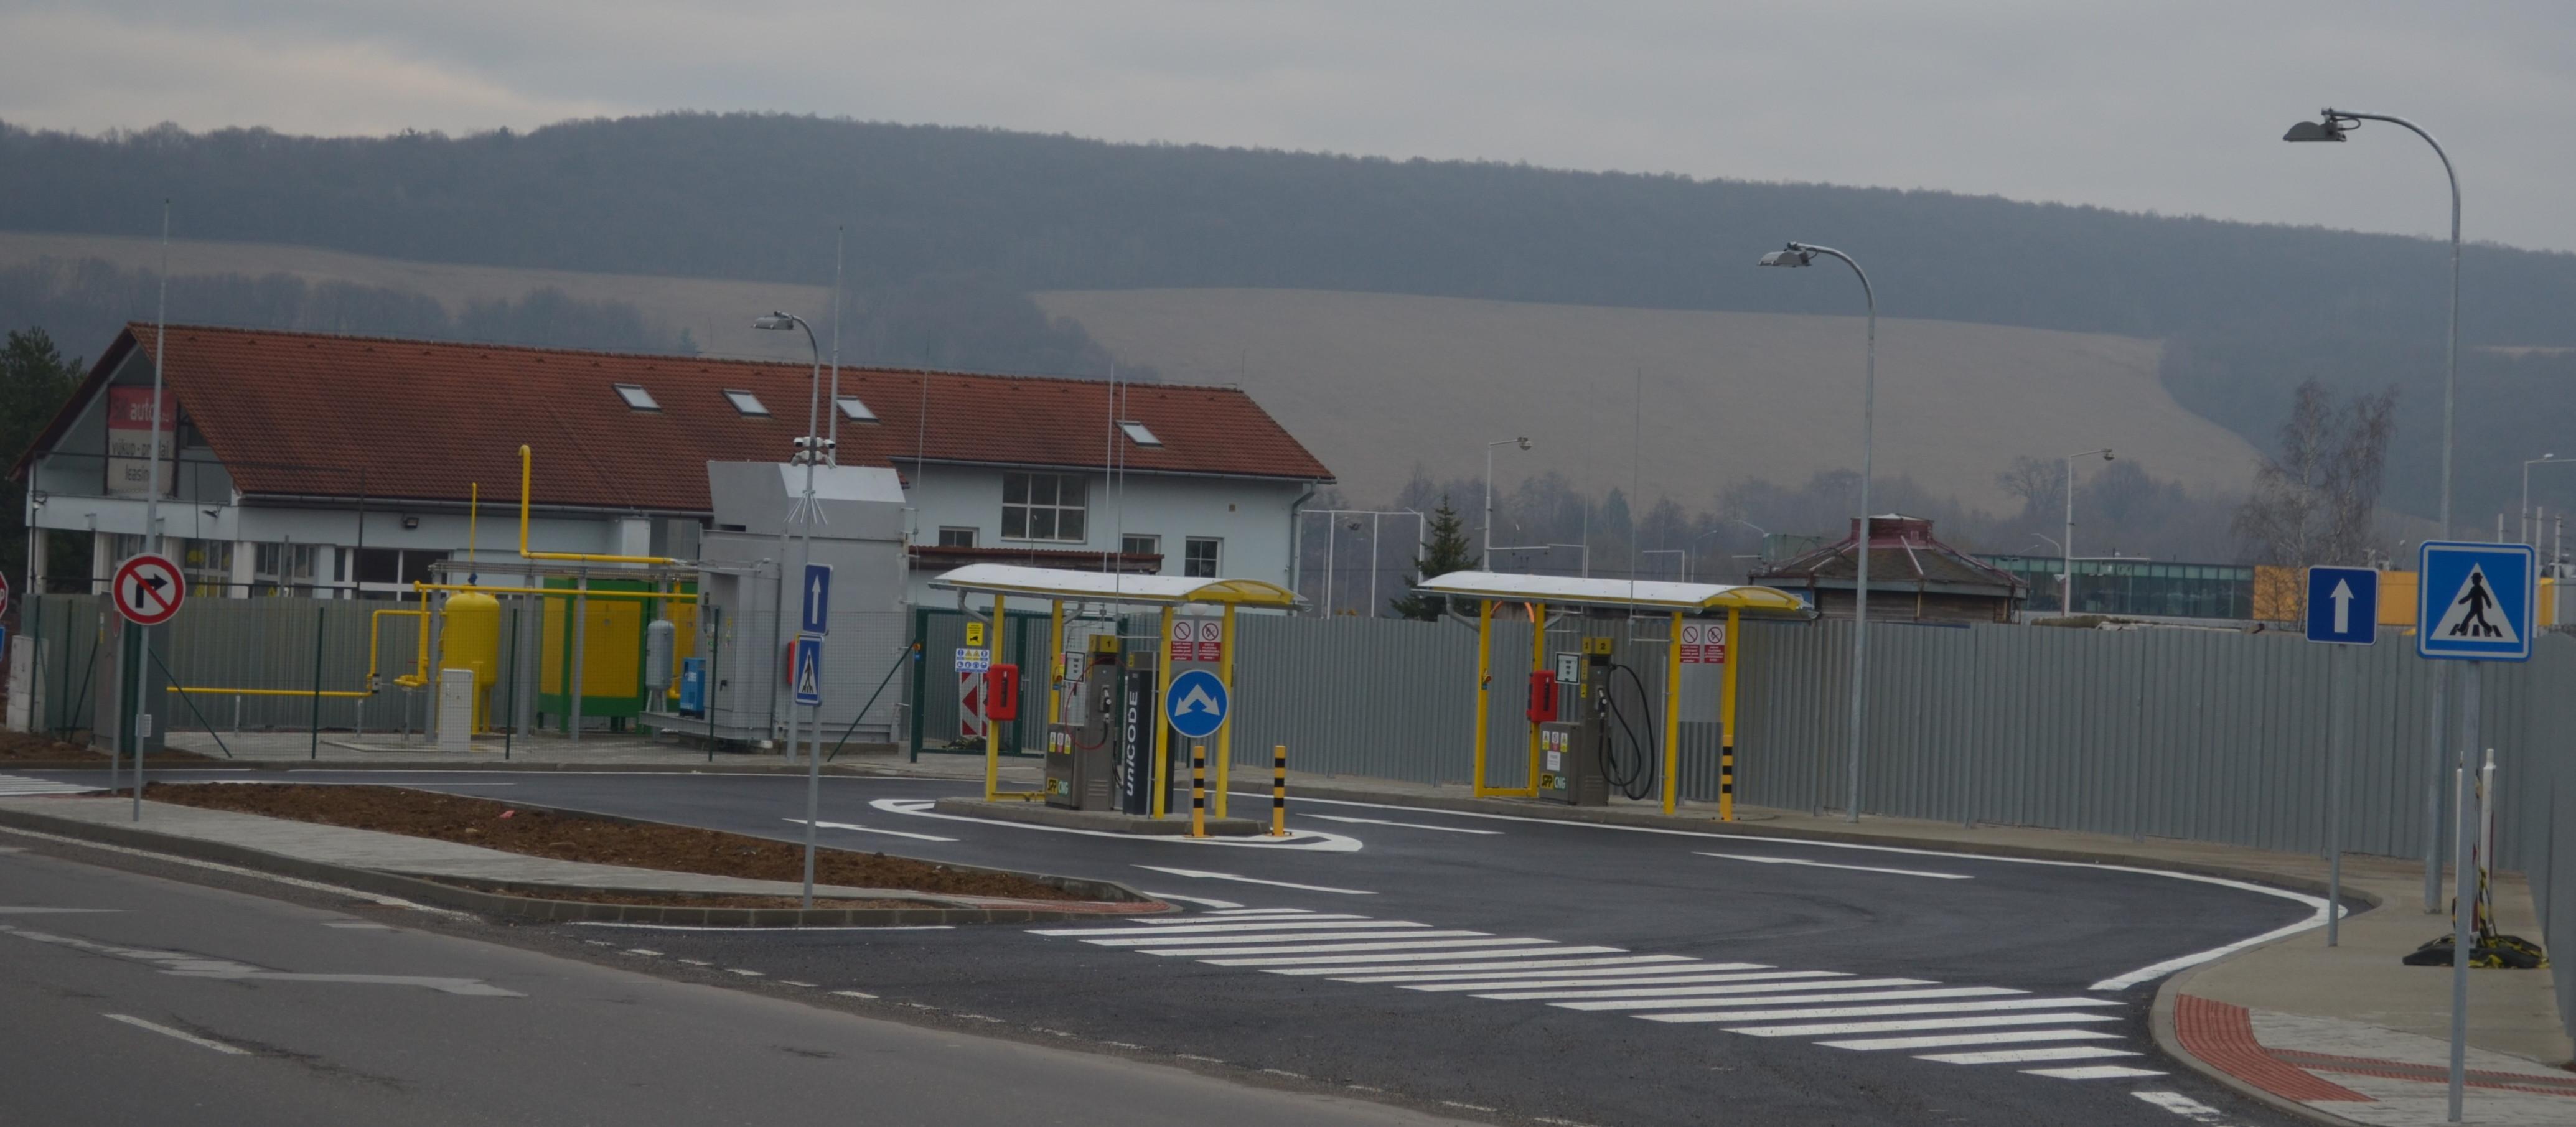 SPP CNG s.r.o. Banská Bystricka